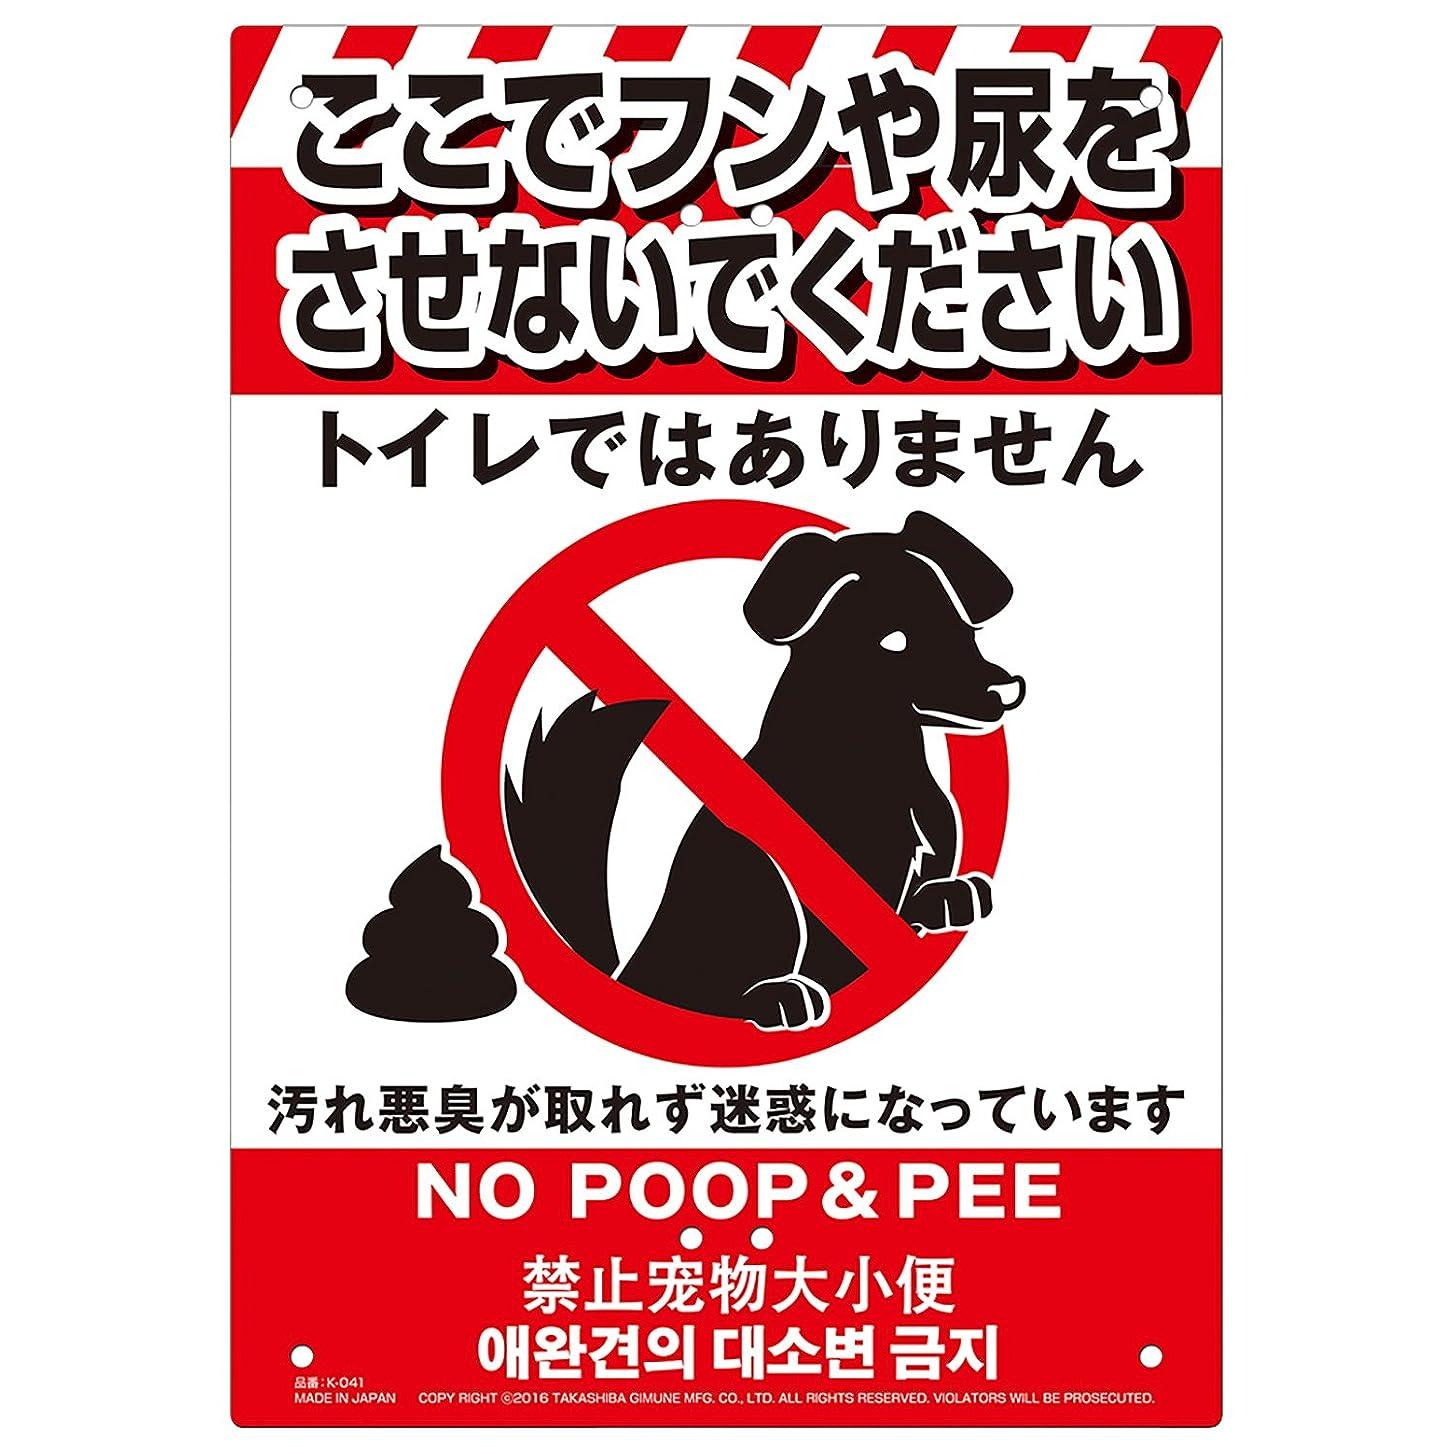 有罪魅力的ポケット高芝ギムネ製作所(Takashiba Gimune) MIKI LOCOS 多目的看板 K-041 「ペットのフン尿禁止」 本体: 奥行0.05cm 本体: 高さ30cm 本体: 幅21cm